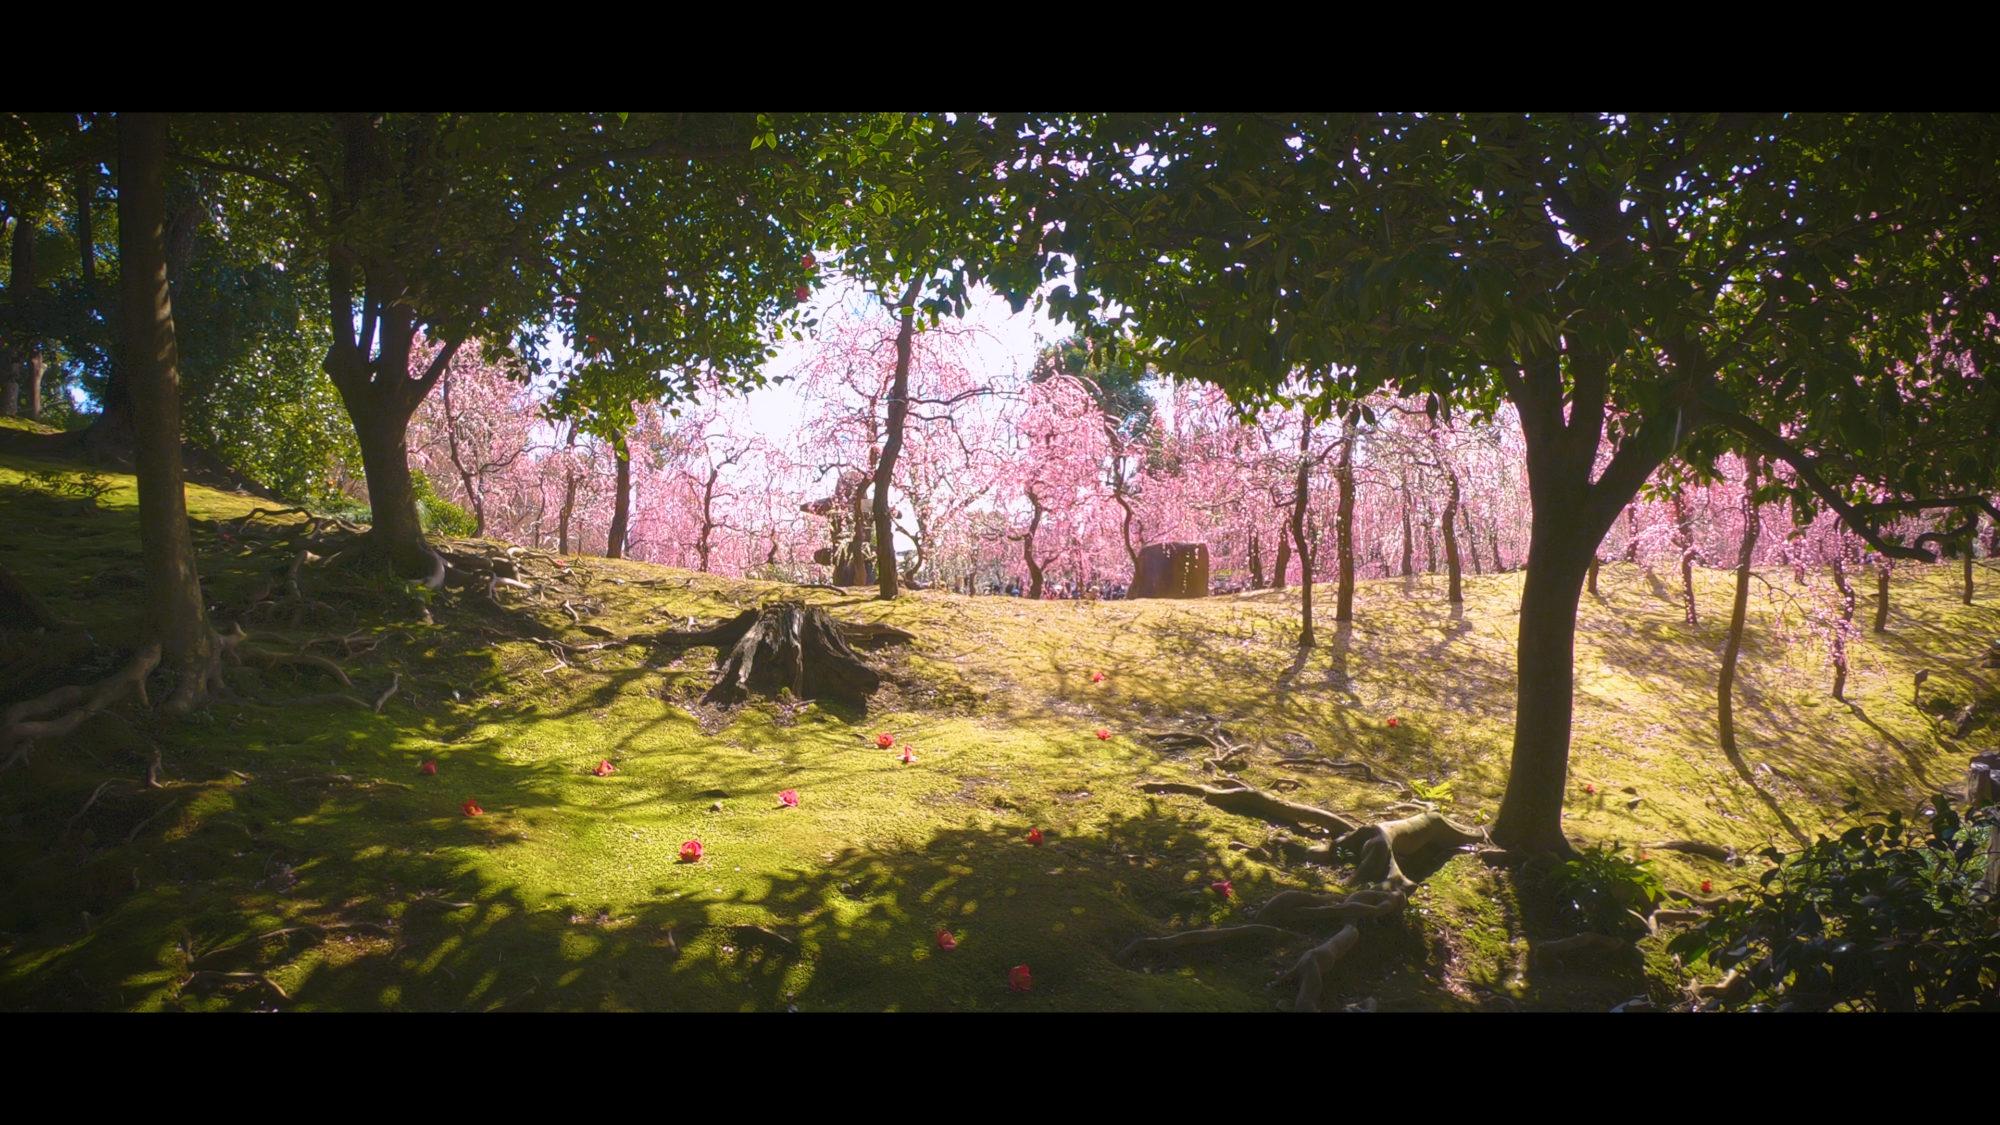 51a1263d650d3d494b977f6eedd65a9e-e1582335853777 京都 城南宮(※2/22現在見頃です!  2020年 春にオススメ。庭園に咲く150本の枝垂梅が絶景の写真スポット。 アクセス情報や交通手段・駐車場情報などまとめ)